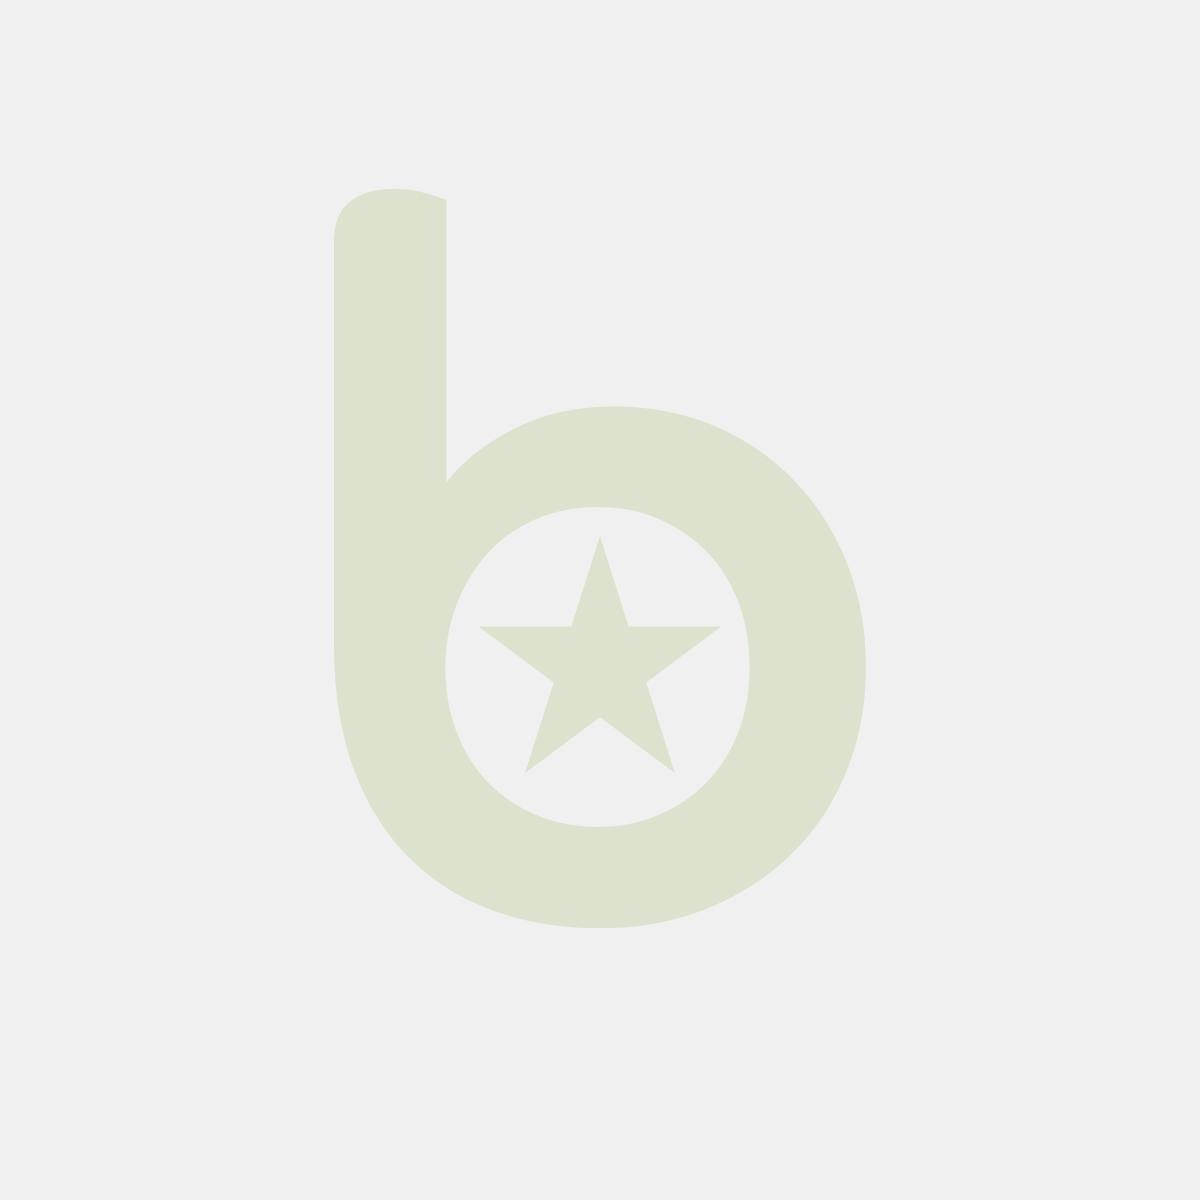 Talerzyk FINGERFOOD biały , 13/13 cm, PS, 12 szt. w opakowaniu